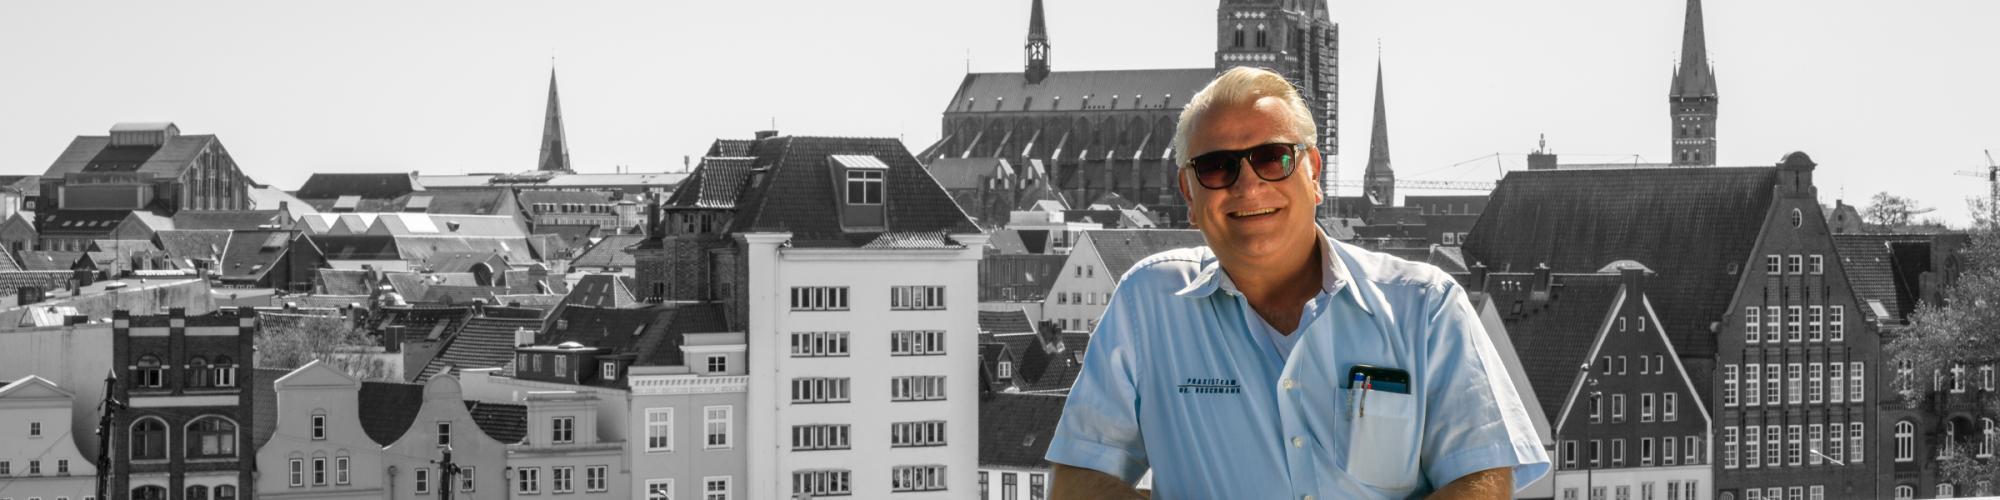 Zahnarzt Dr. med. dent. Andreas Buschmann